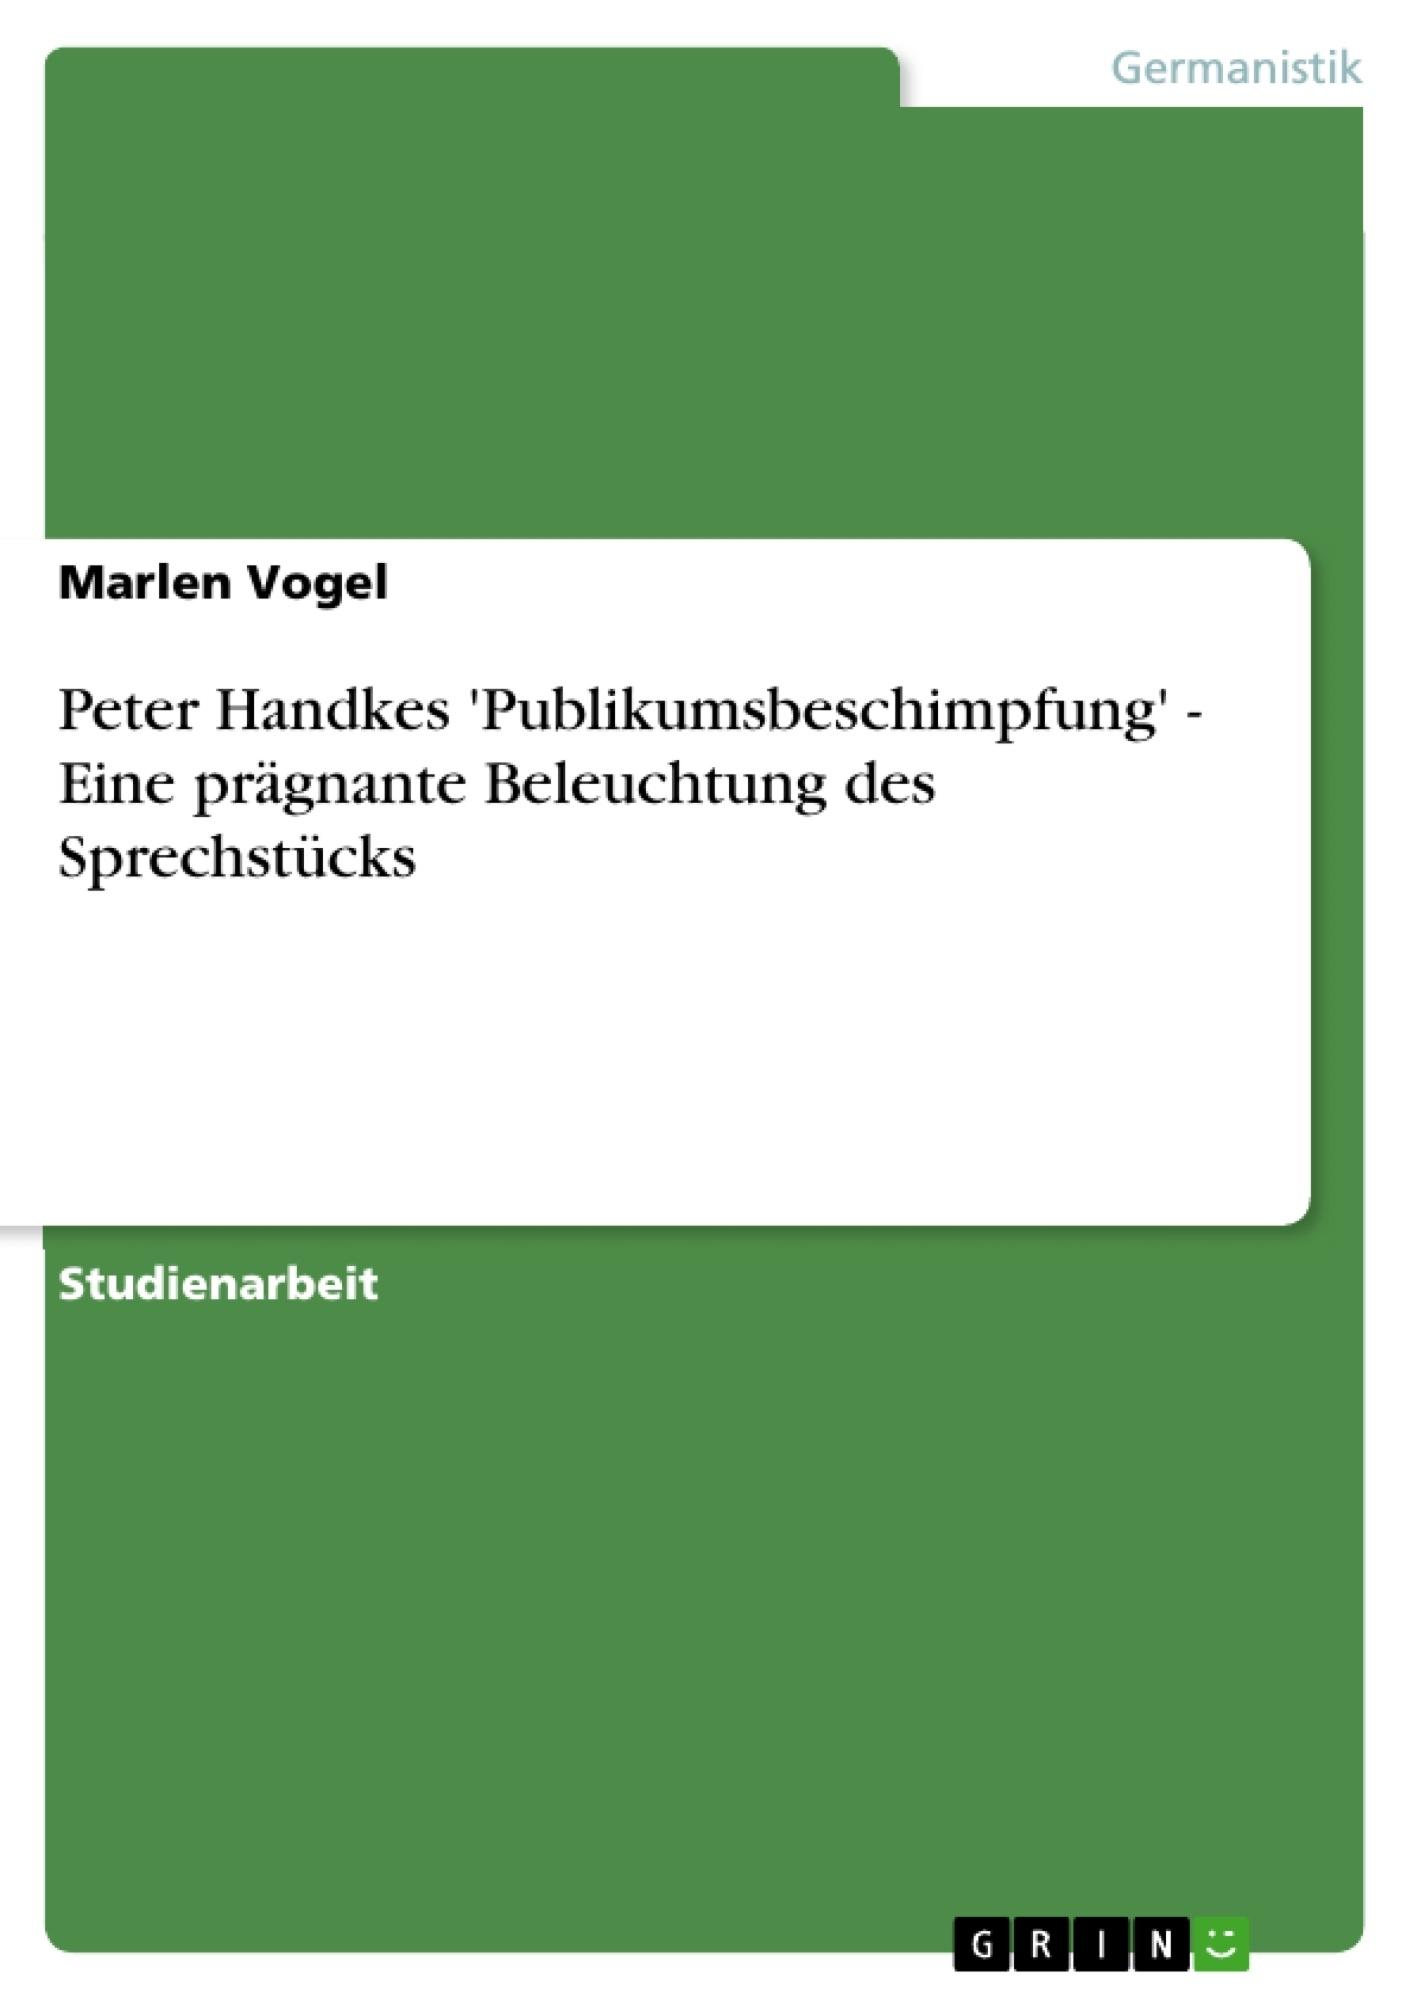 Titel: Peter Handkes 'Publikumsbeschimpfung' - Eine prägnante Beleuchtung des Sprechstücks